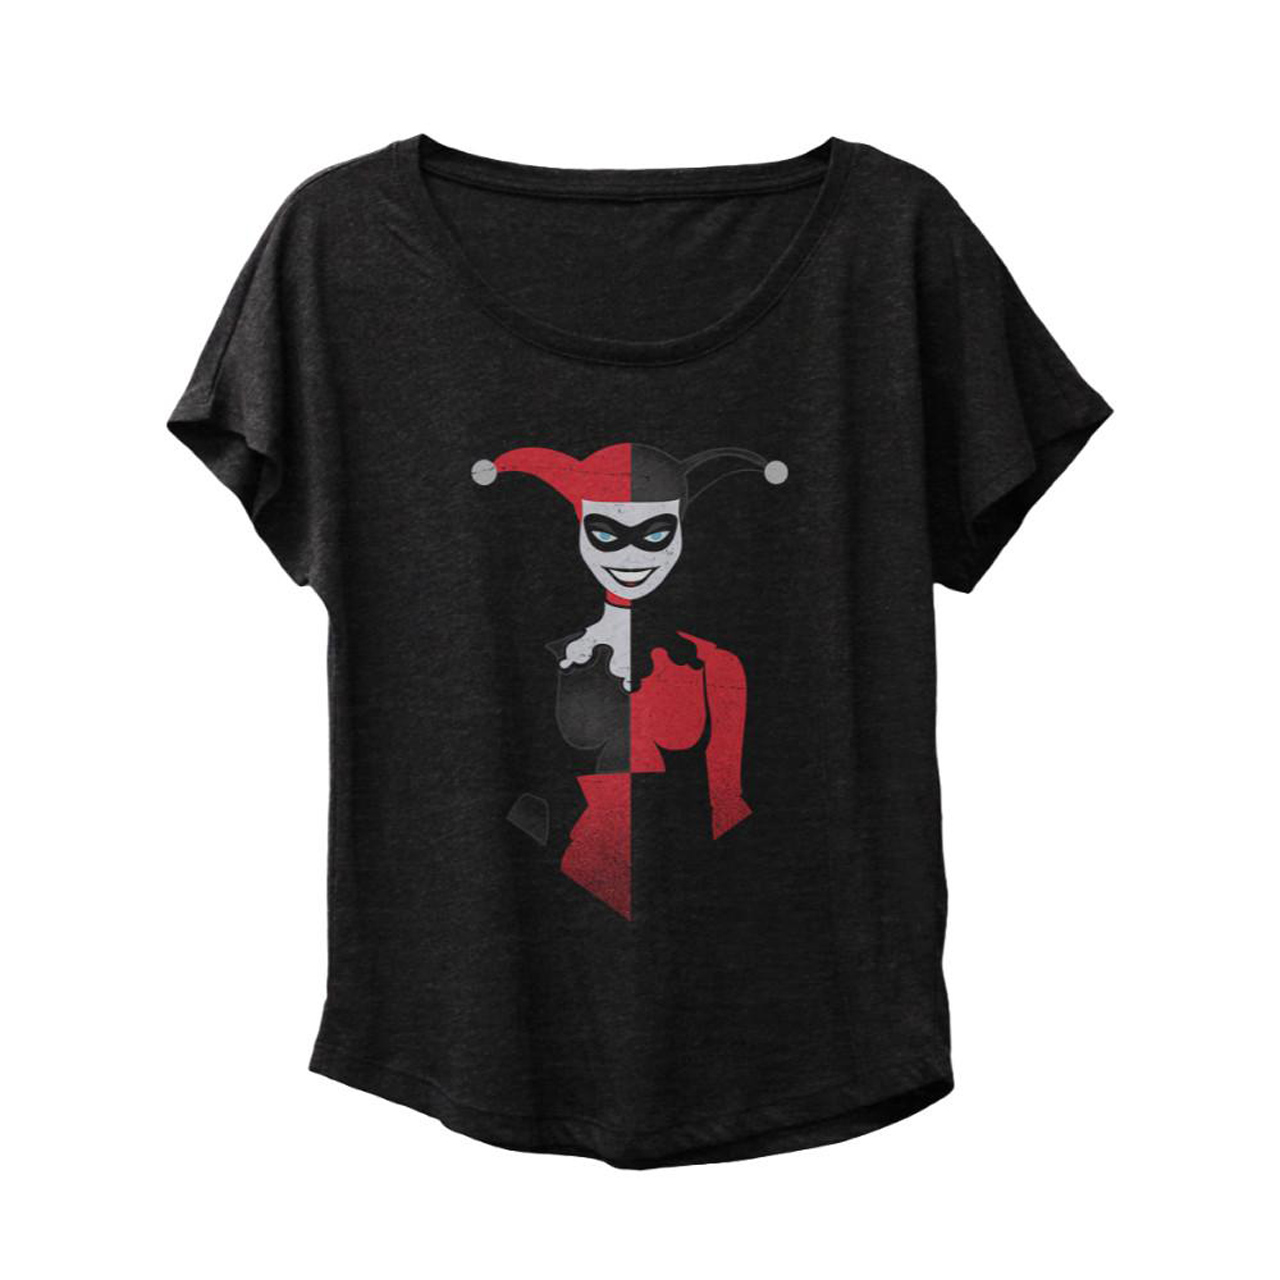 Harley-shirt.jpg